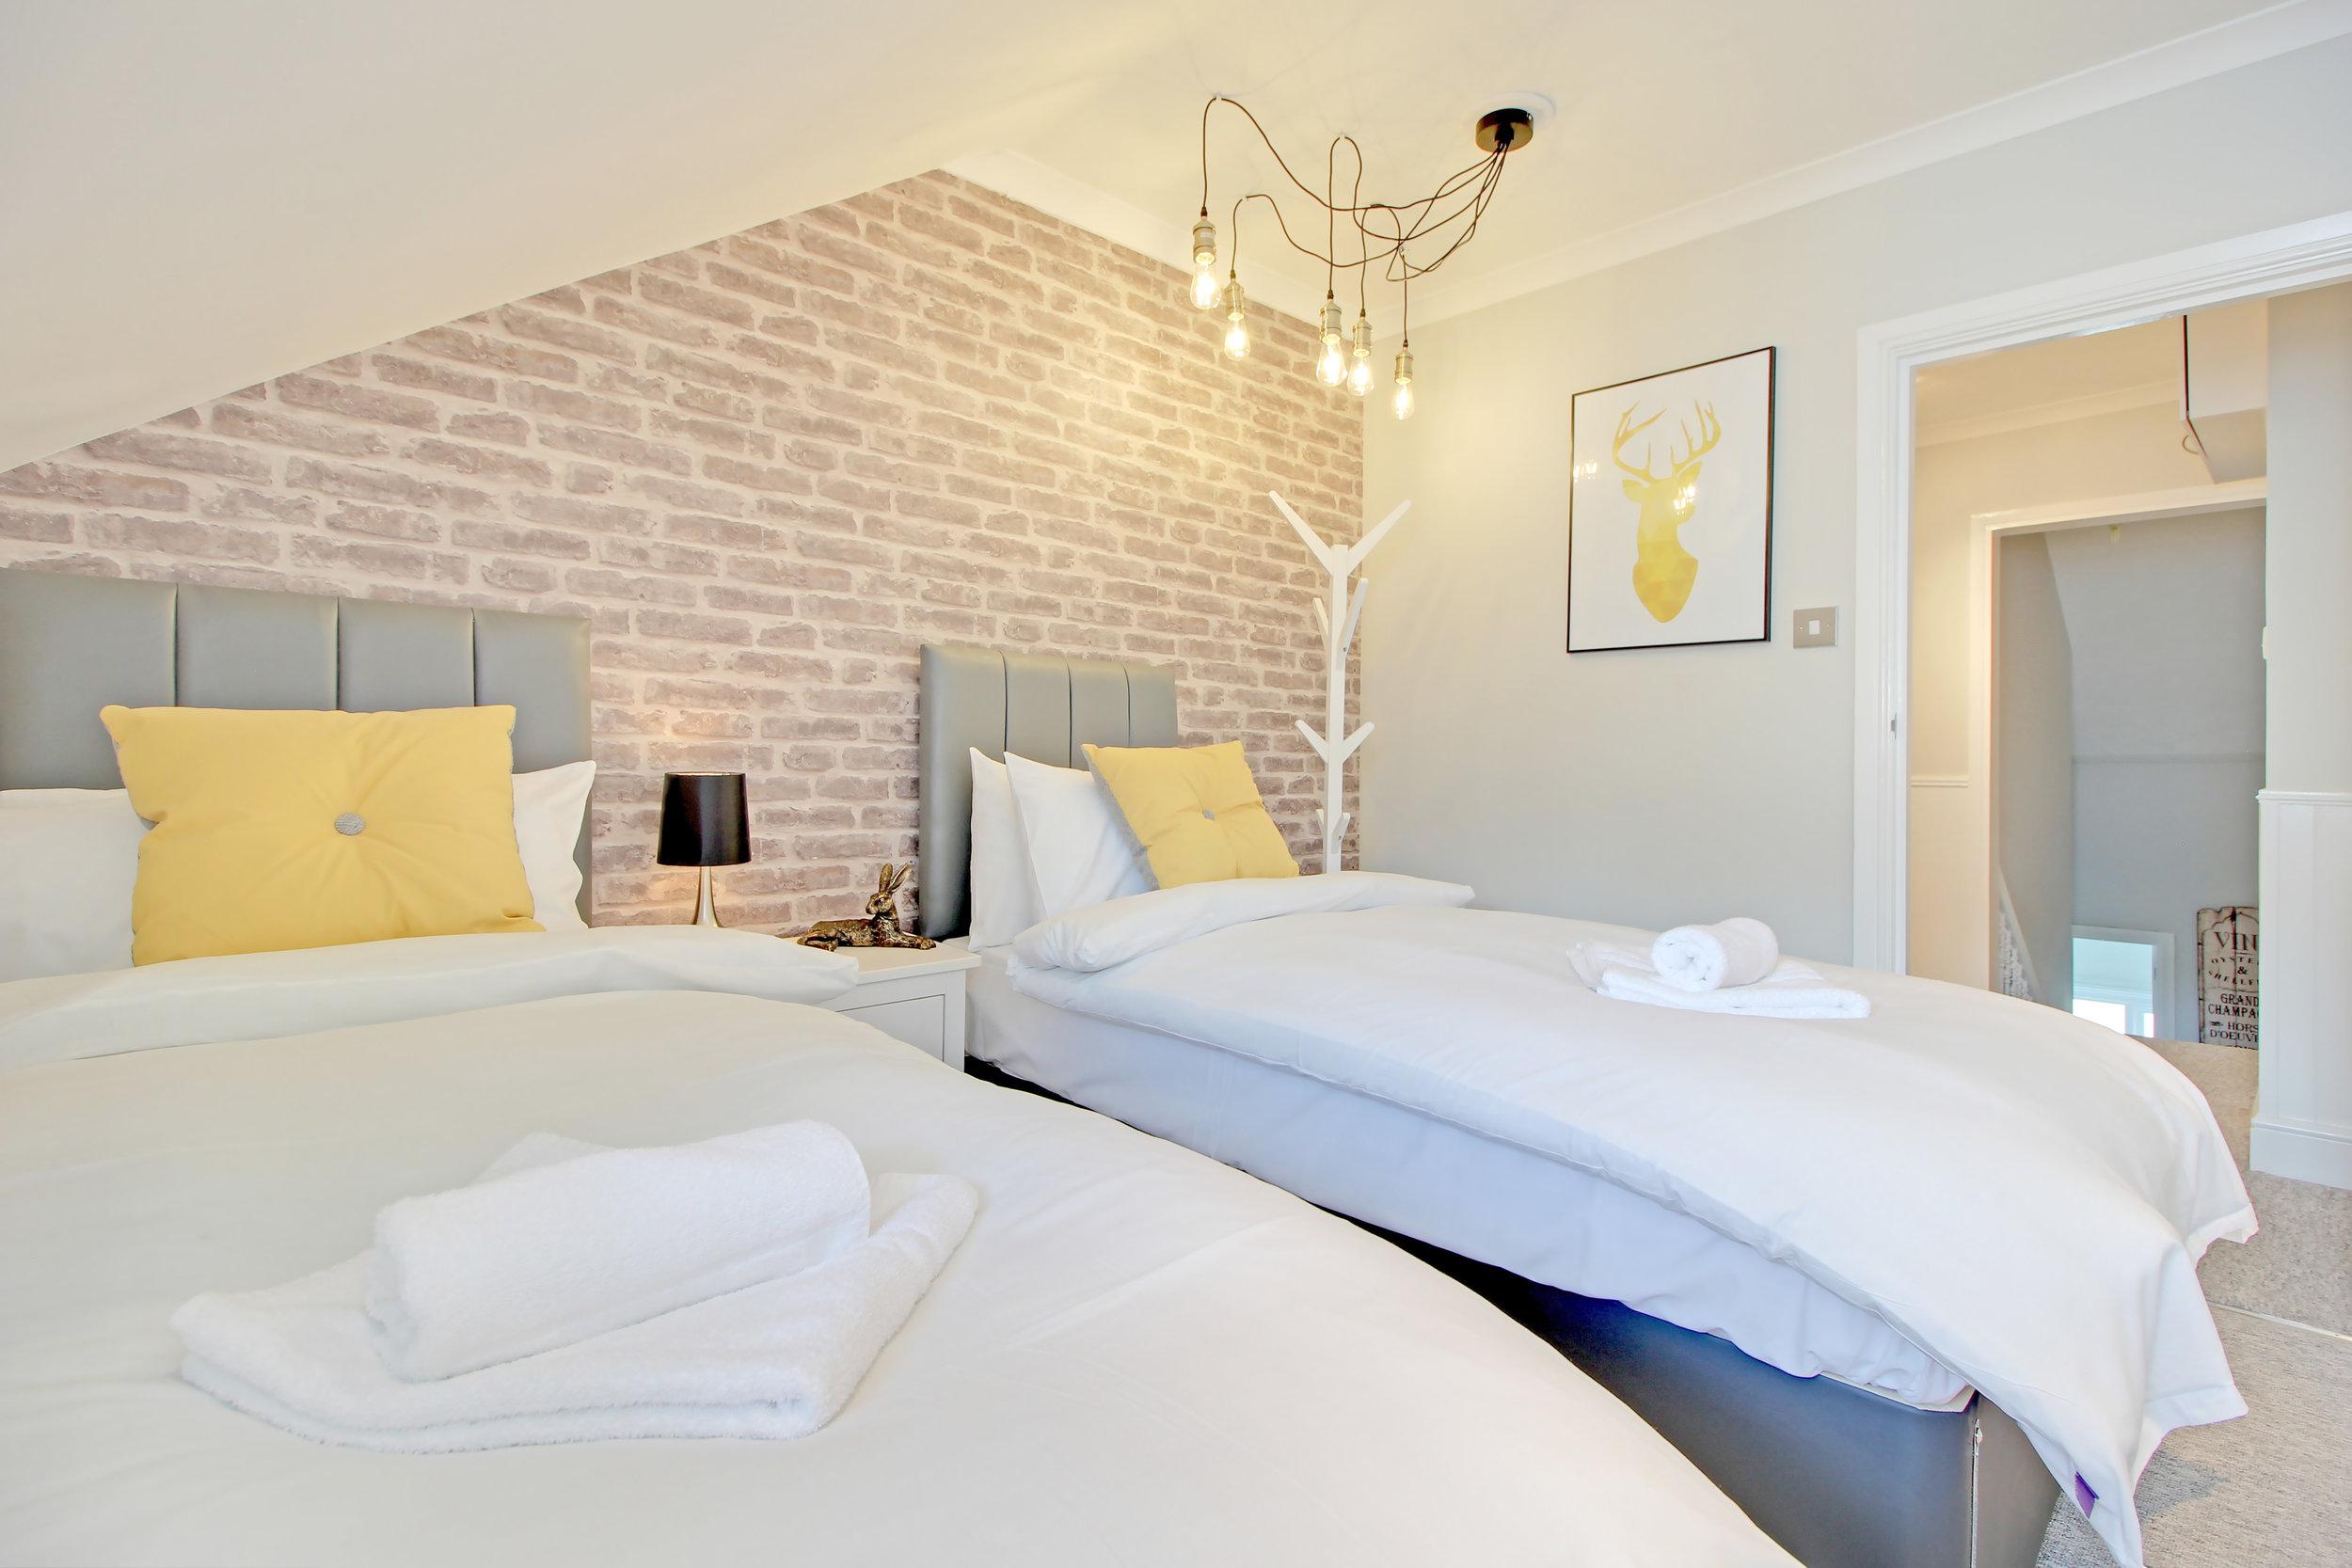 Bedroom 2 image 2.jpg